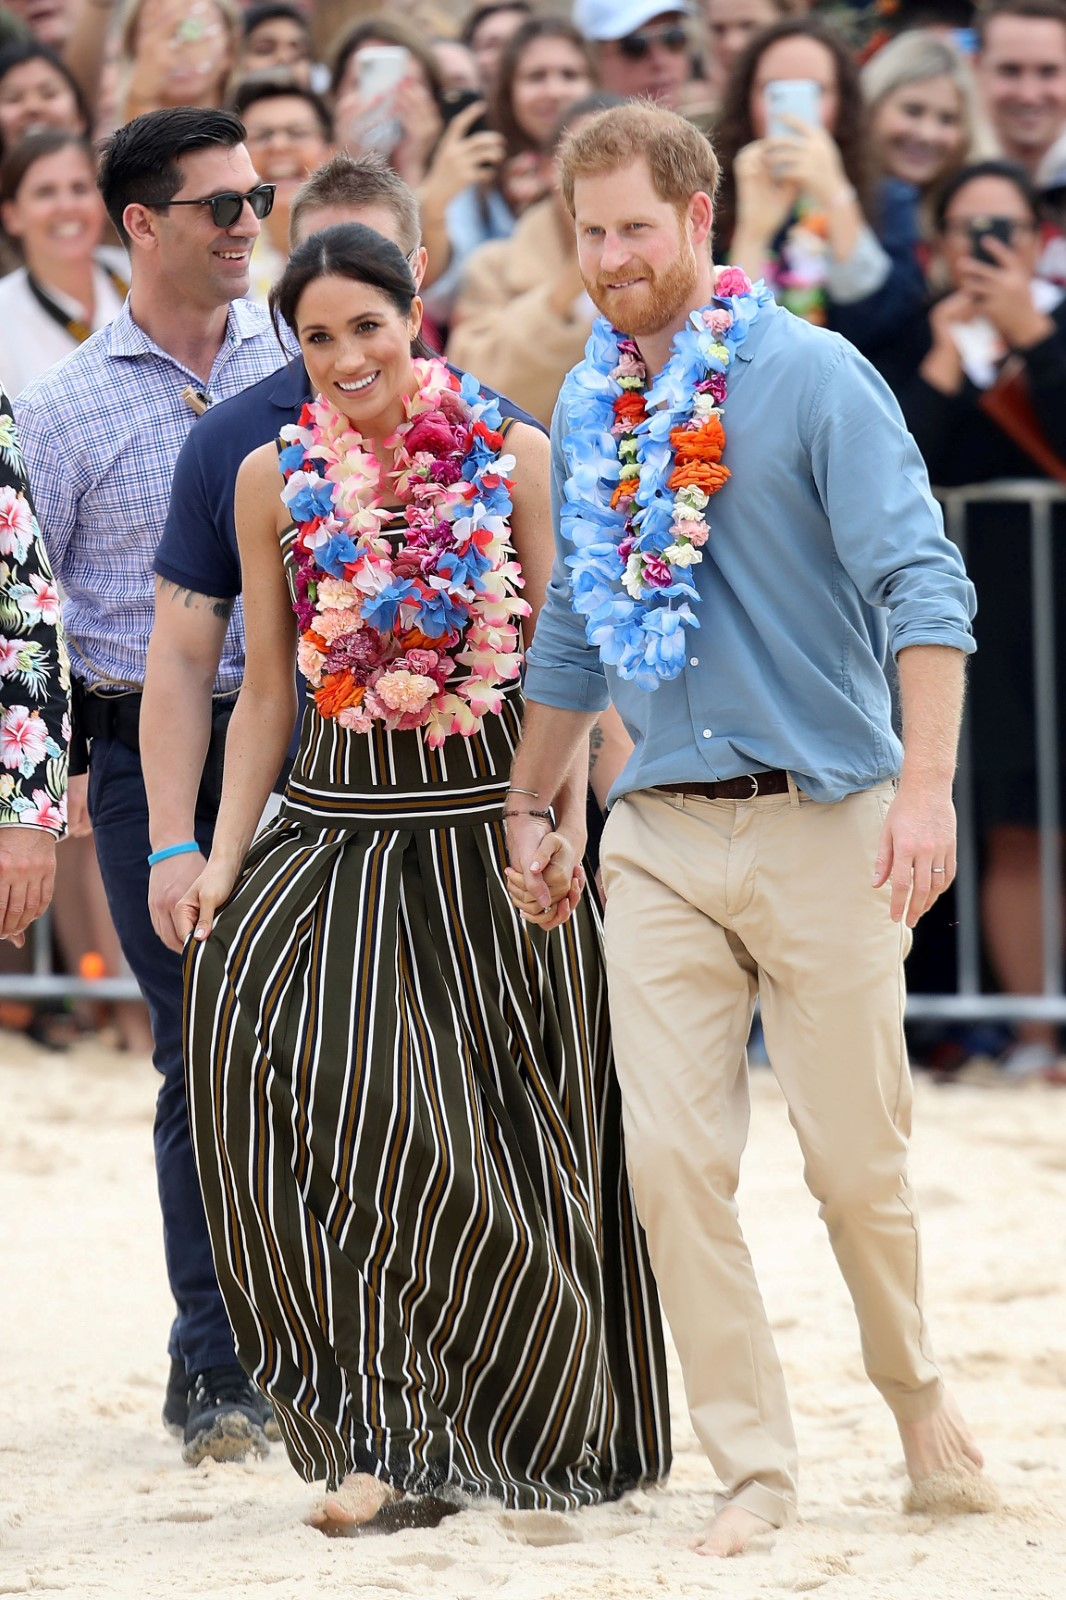 Těhotná Meghan s princem Harrym na pláži v Austrálii.